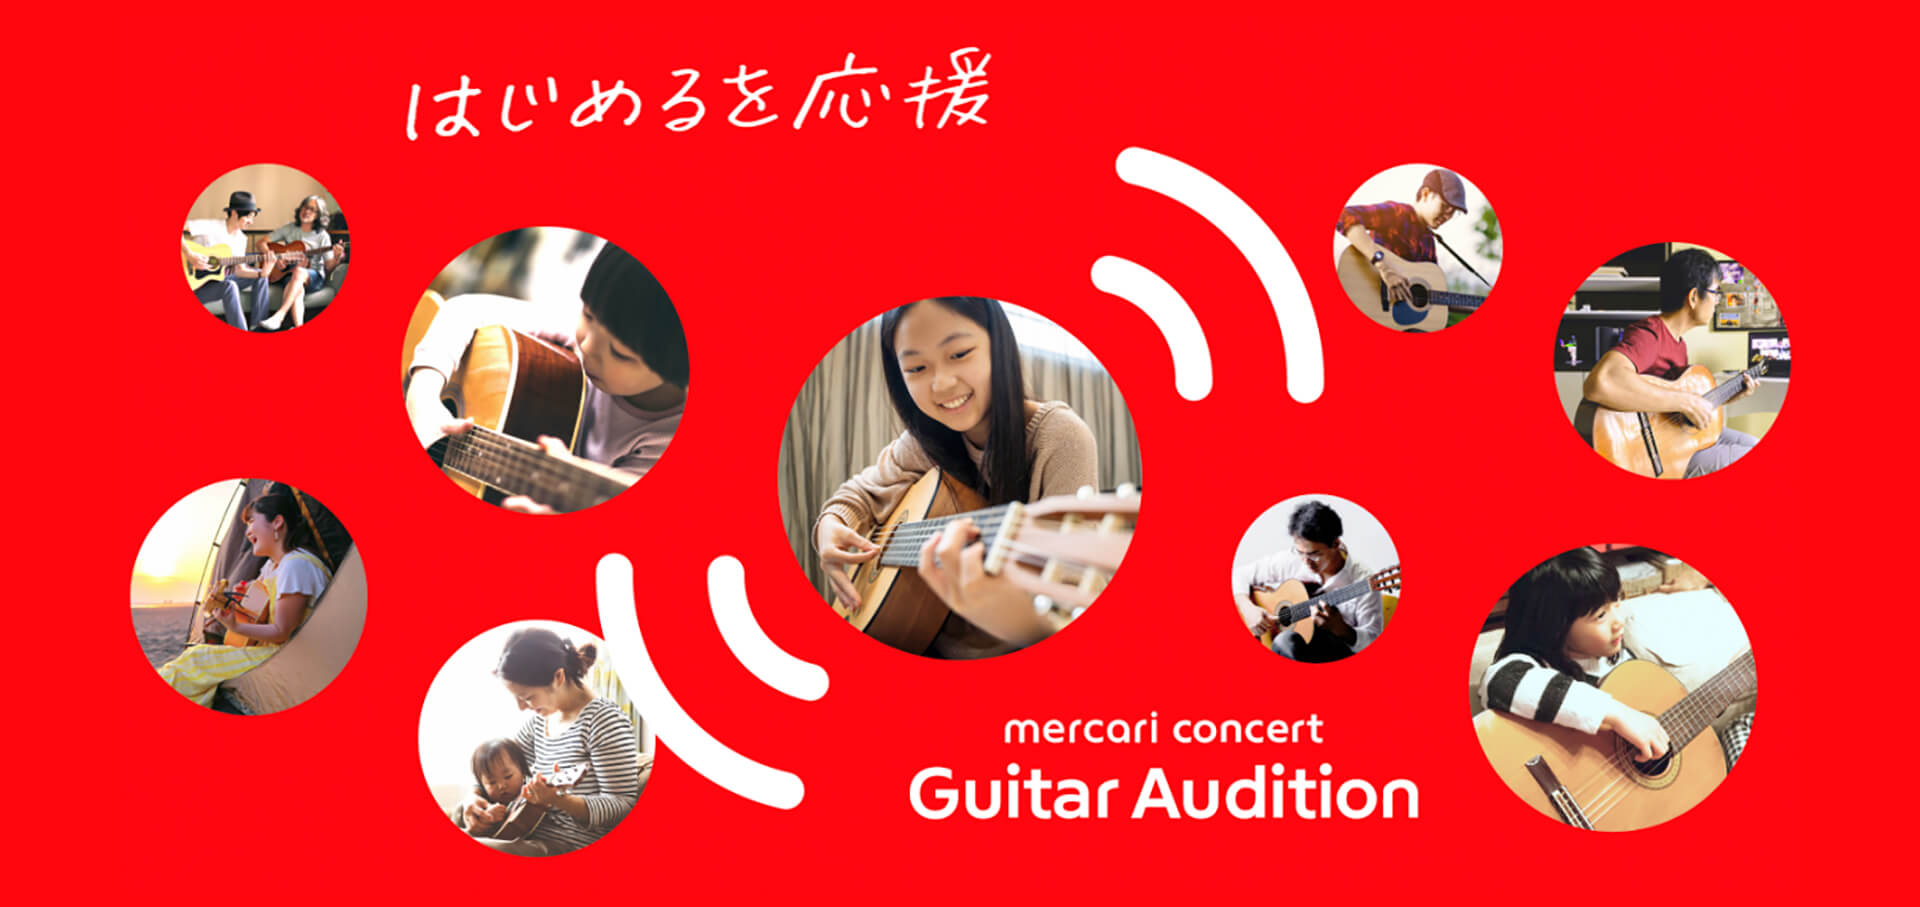 ギターオーディション「メルカリコンサート」